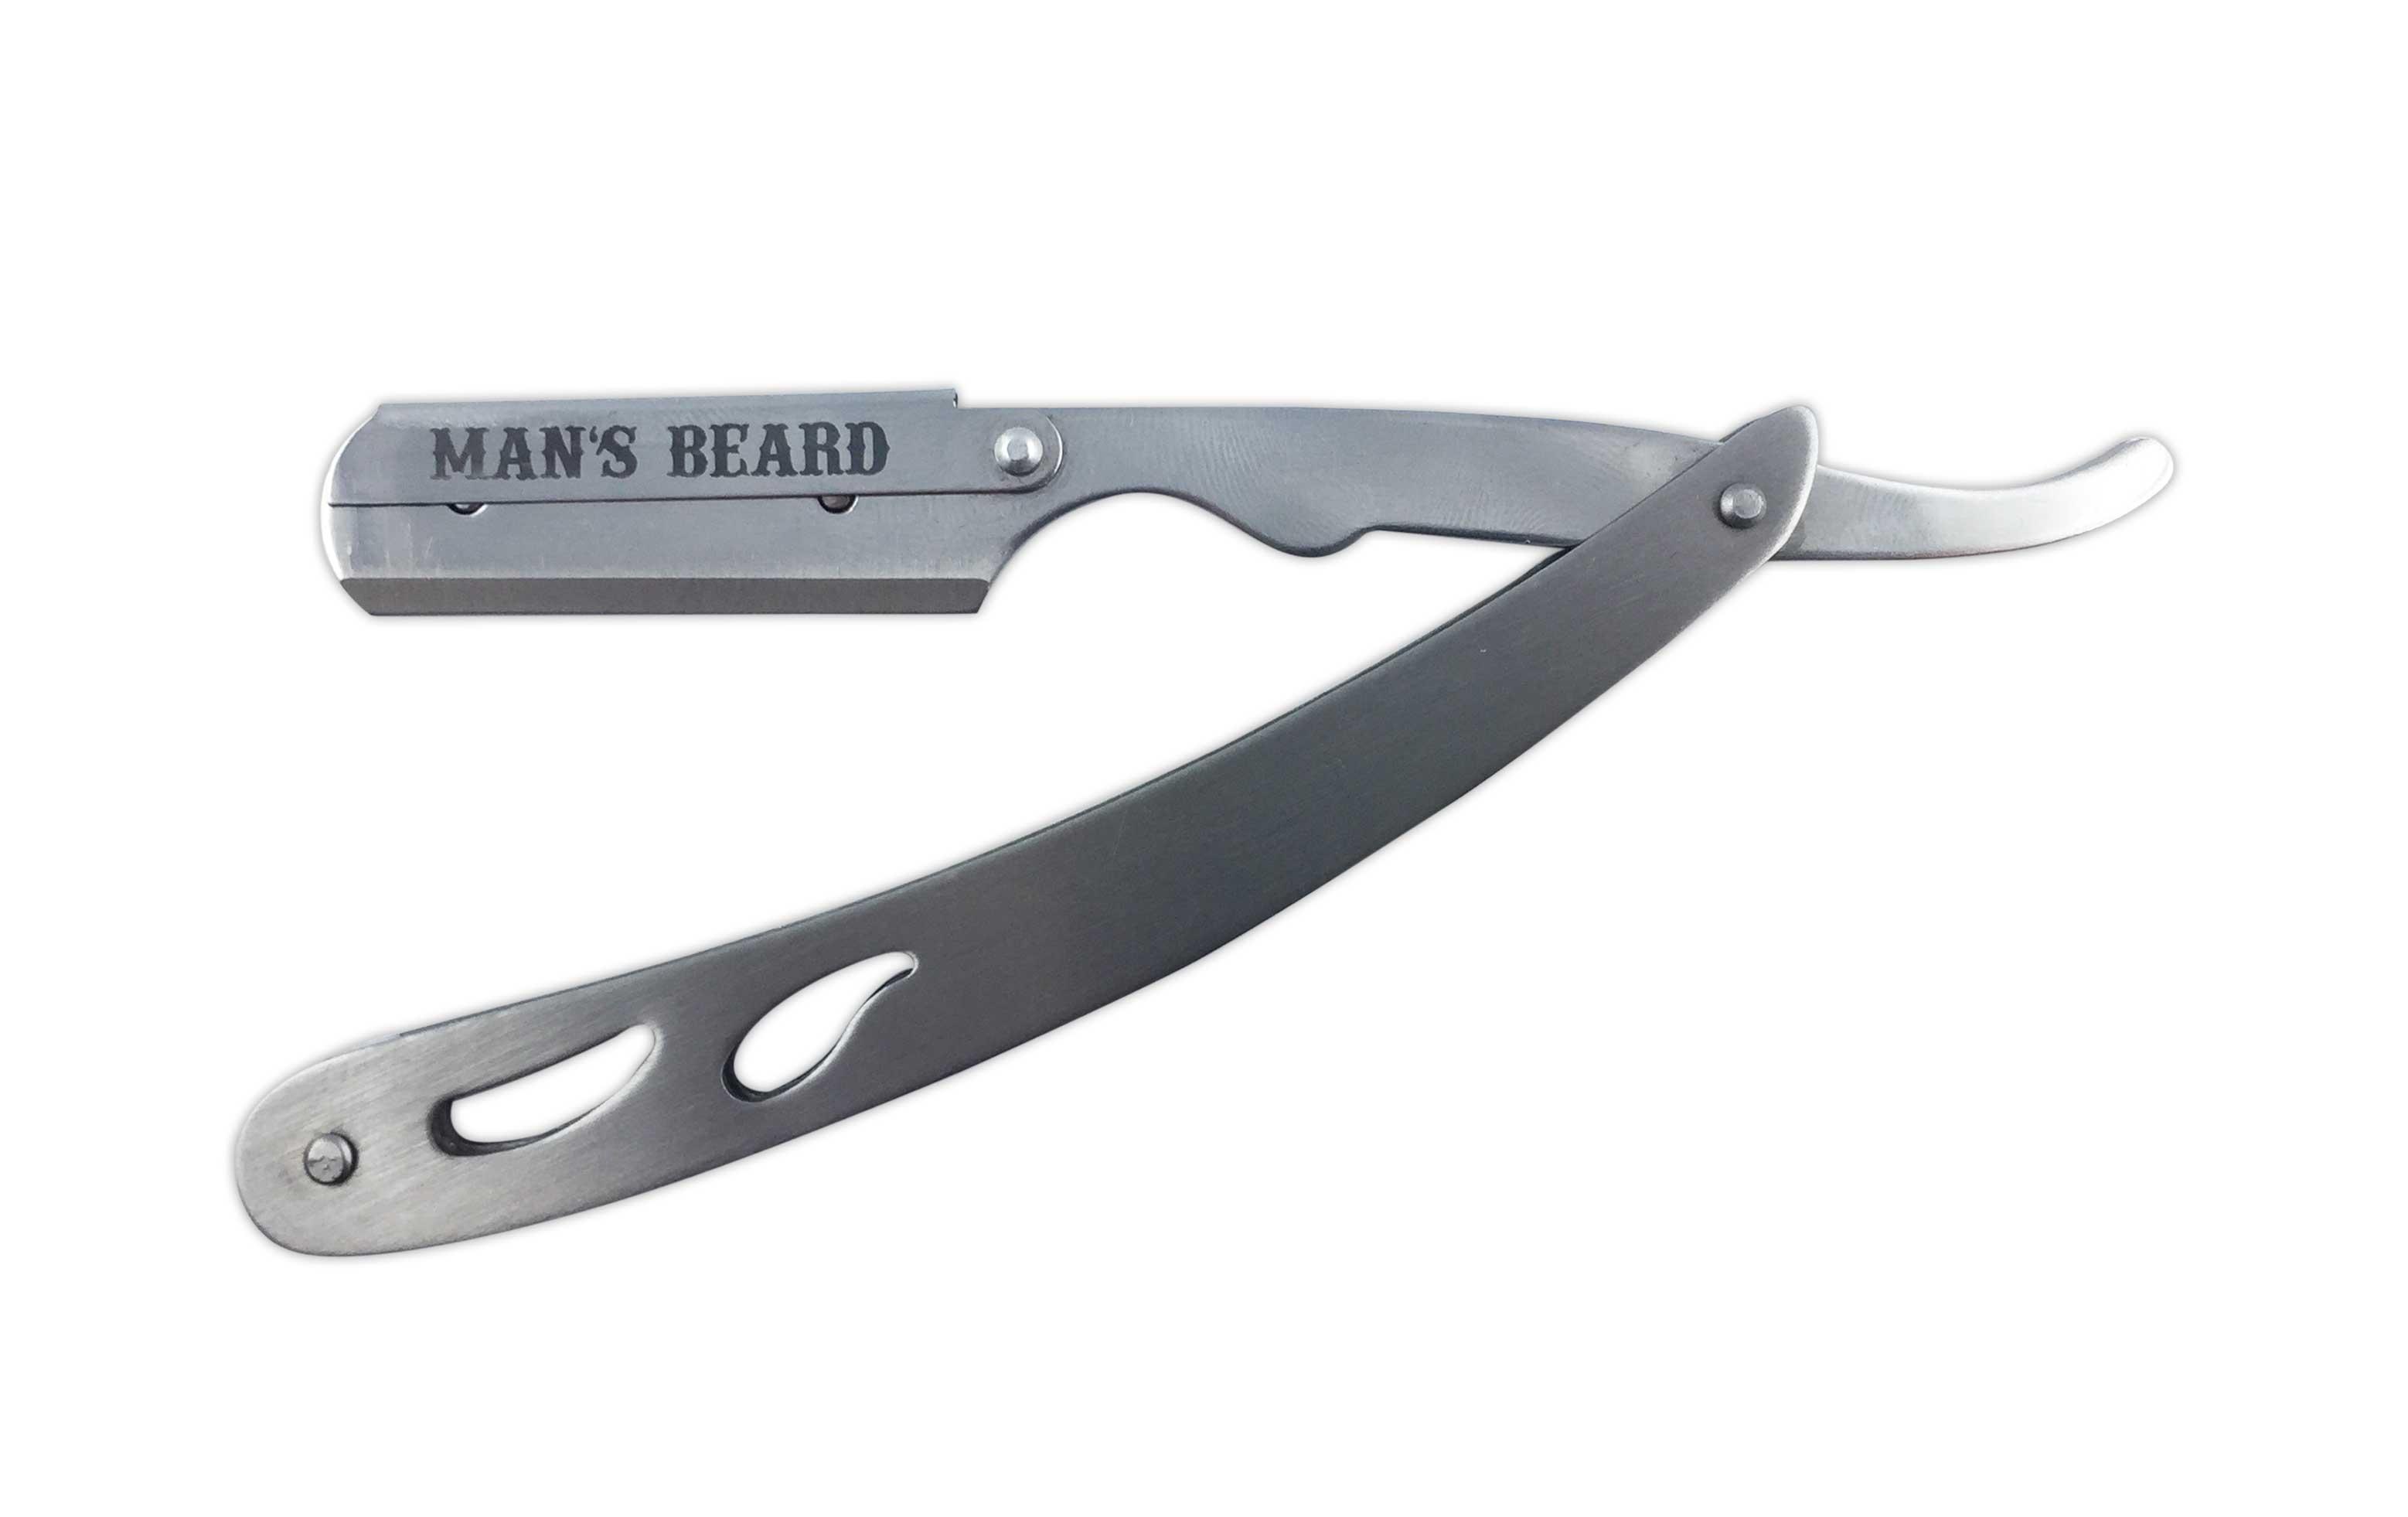 Man 39 s beard shavette acier acier gris man 39 s beard les marques de produits - Acier s ...